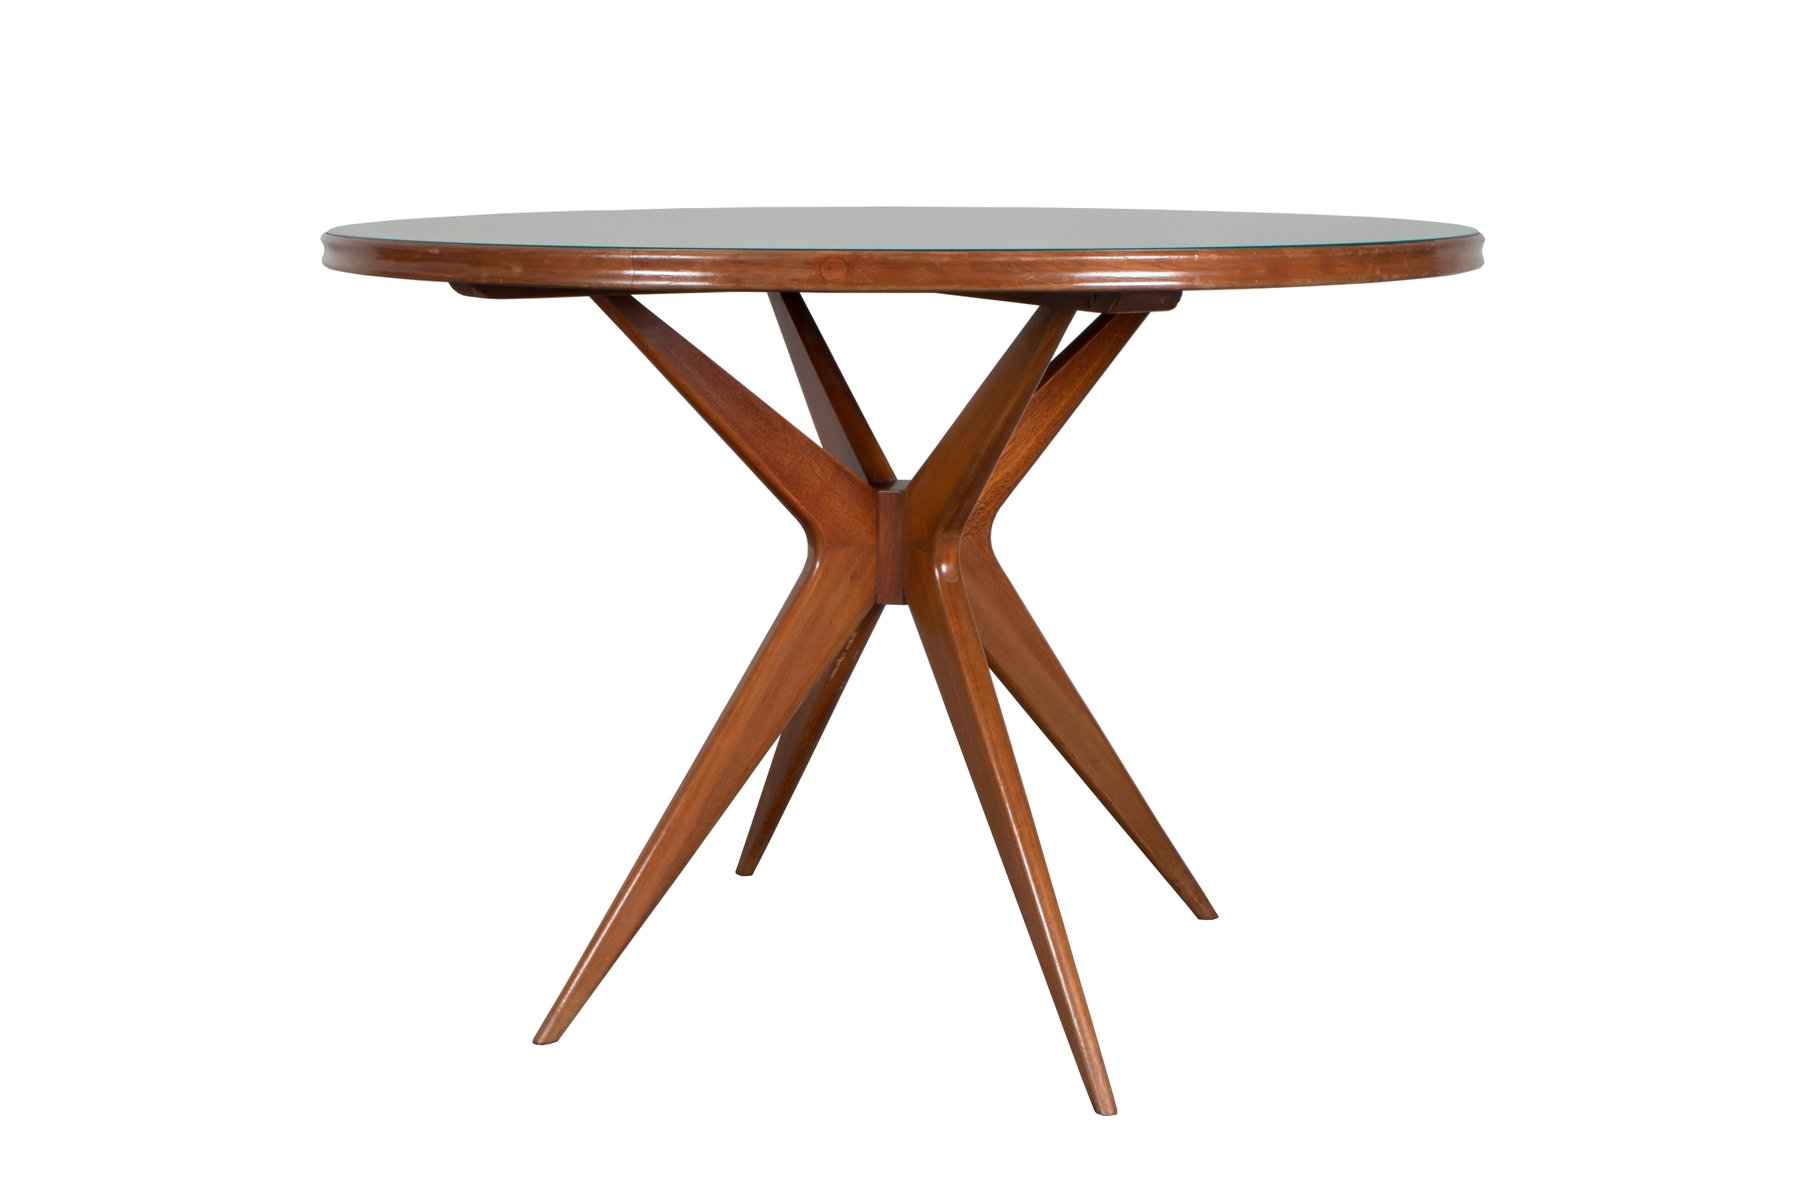 italienischer runder tisch aus gr nglas 1950er bei pamono. Black Bedroom Furniture Sets. Home Design Ideas